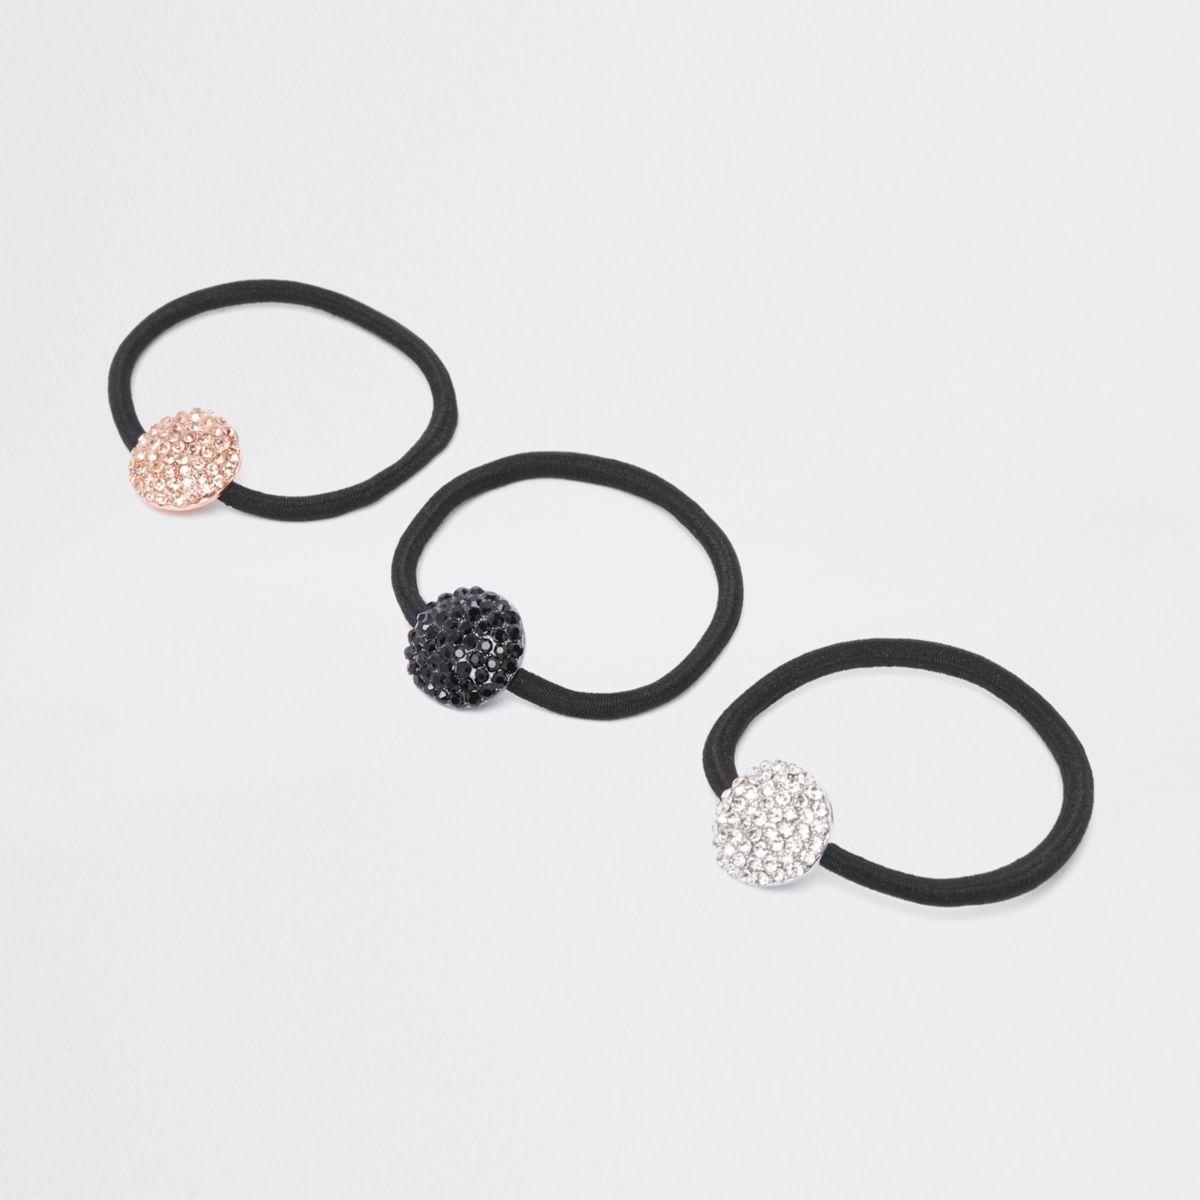 Black diamante hair tie pack